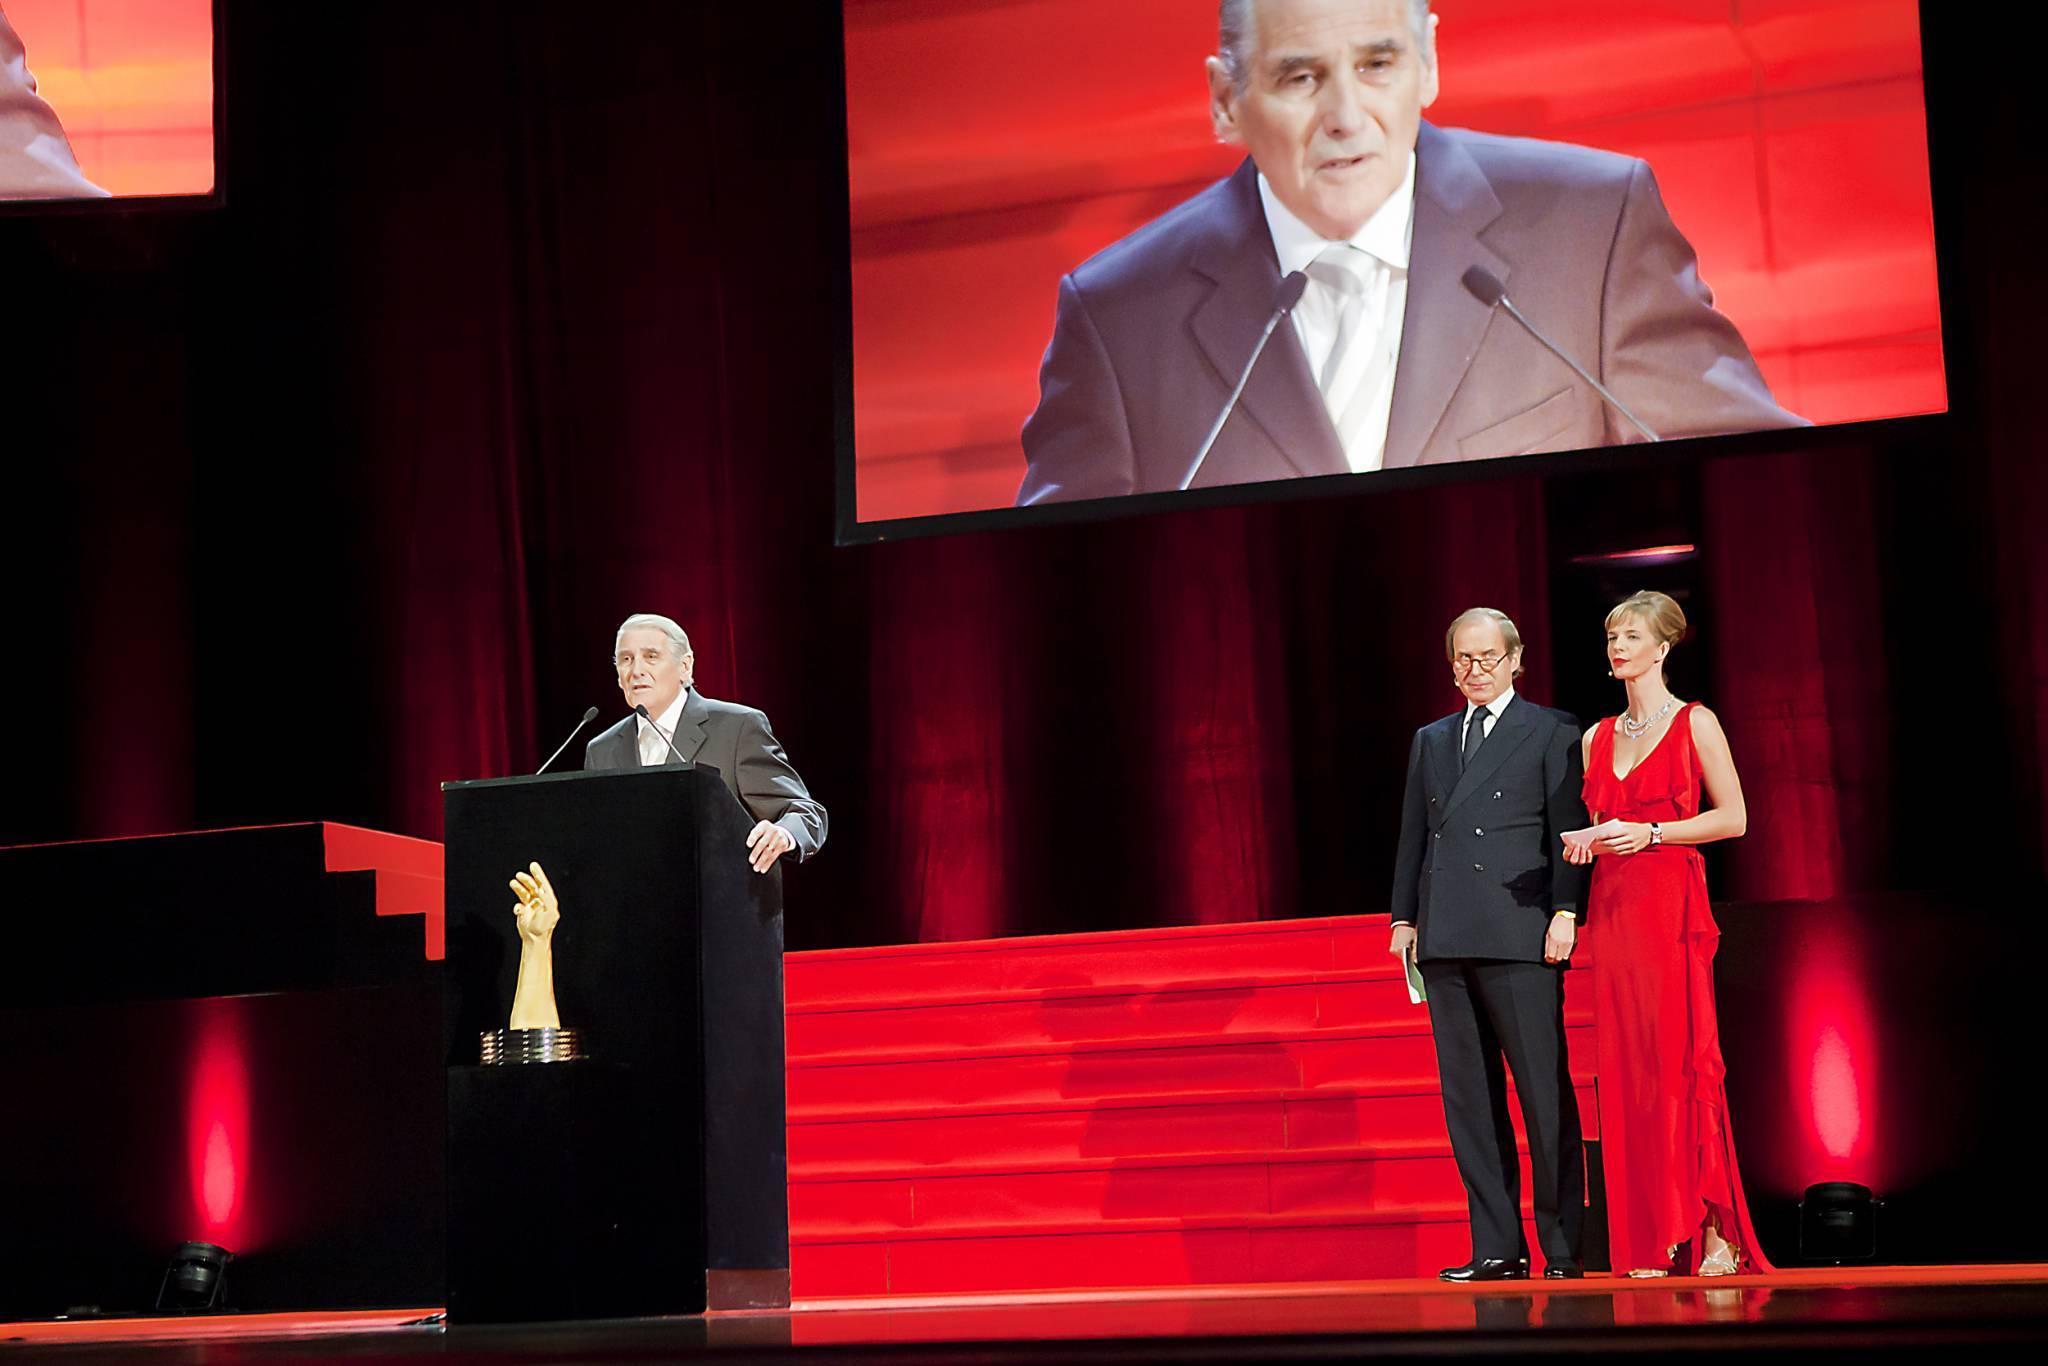 Carlo Lamprecht, Président du GPHG et ancien Conseiller d'Etat, Simon de Pury et Natacha Wenger, co-présentateurs du GPHG 2011